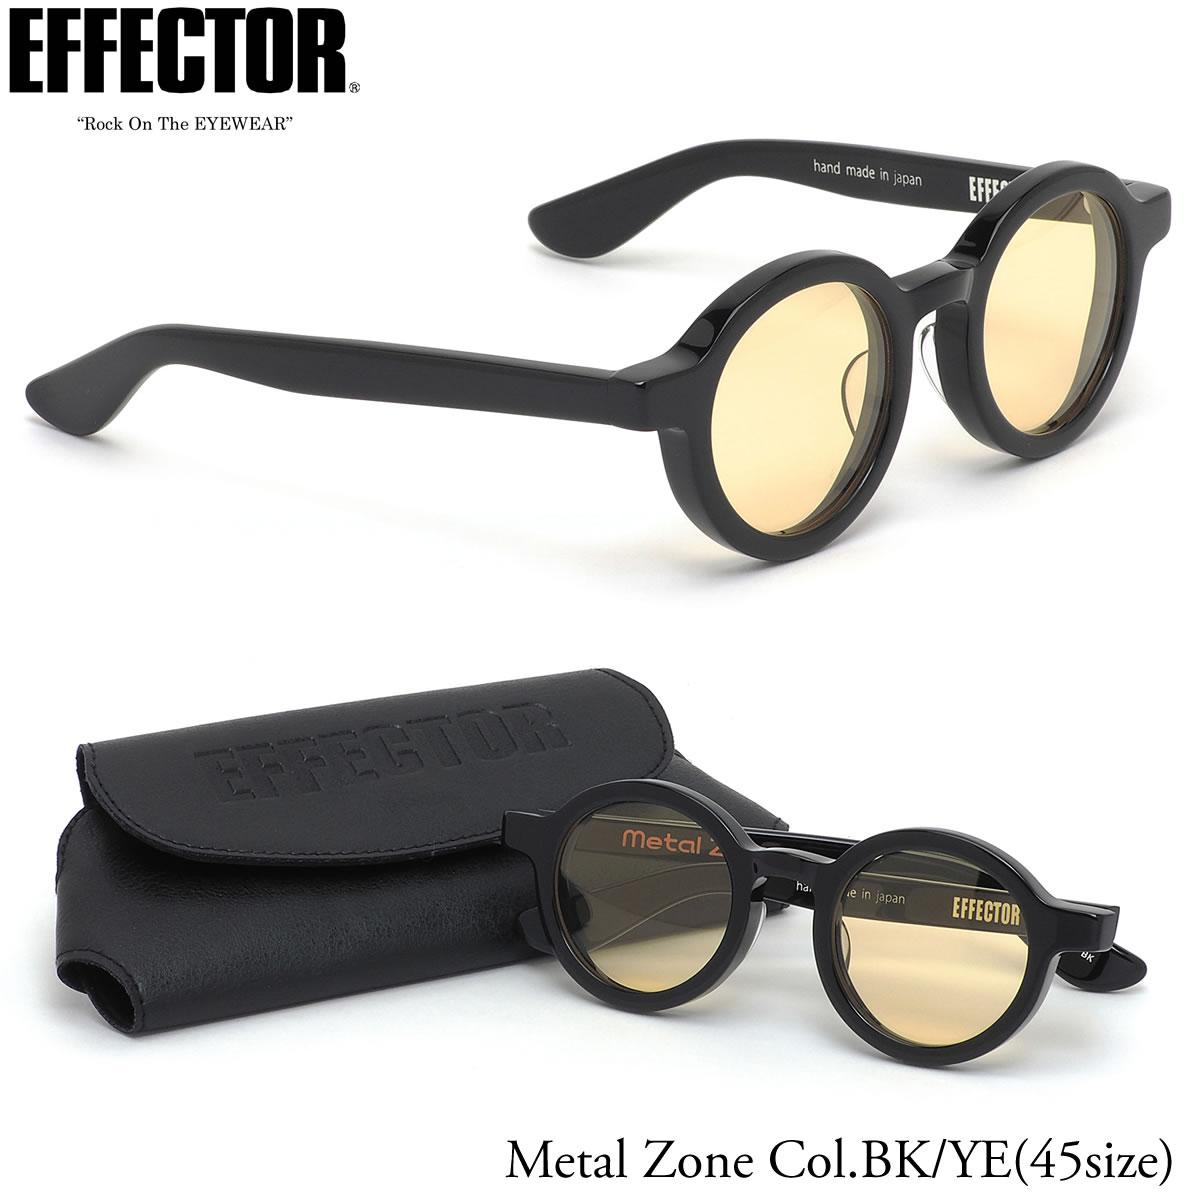 エフェクター EFFECTOR サングラス METAL ZONE BK/YE 45サイズ メタルゾーン BOSS ボス コラボ 日本製 EFFECTOR メンズ レディース